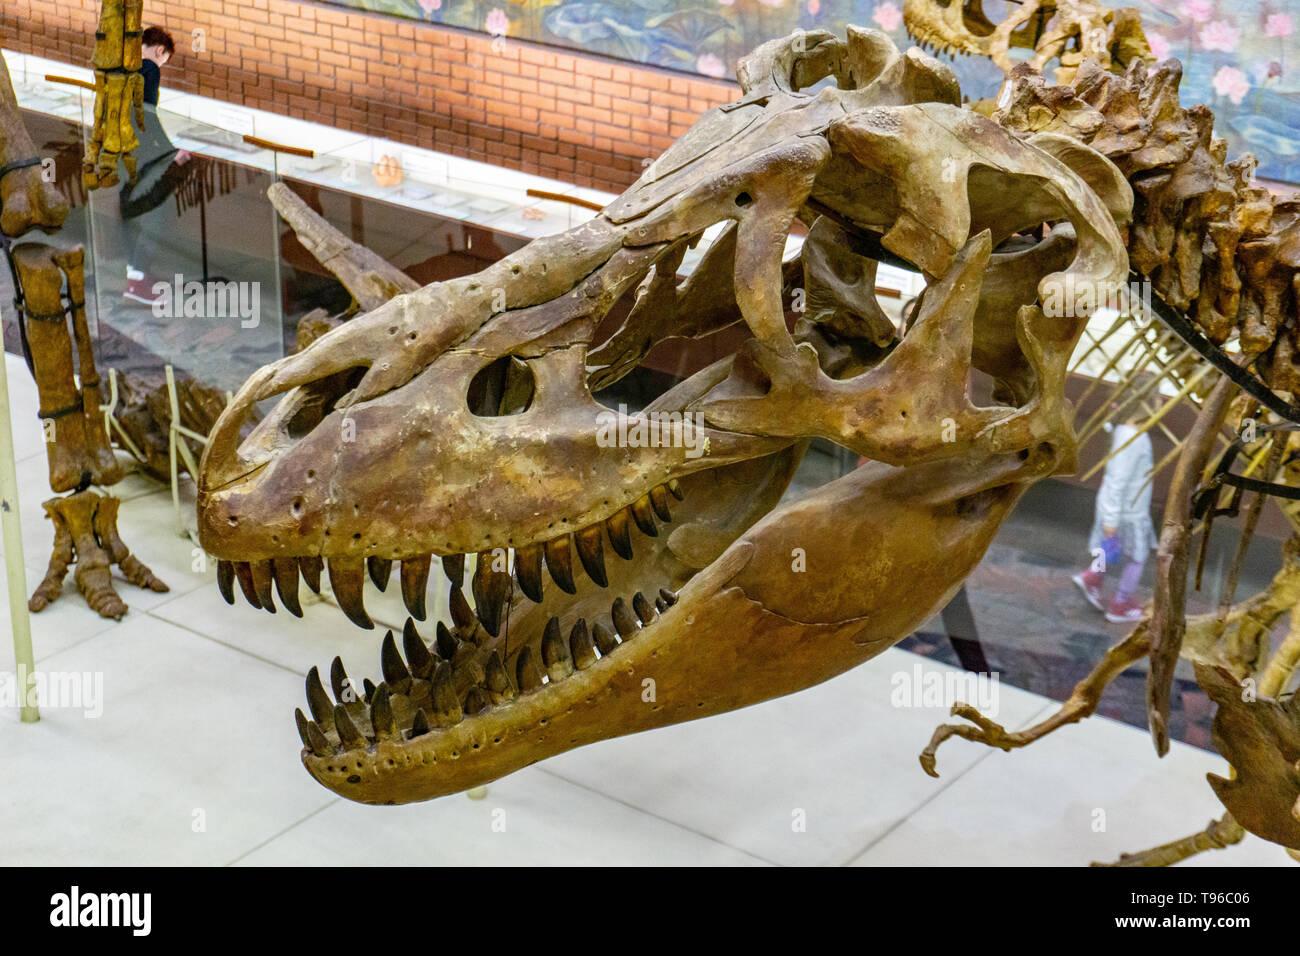 Esqueleto de dinosaurio carnívoro depredador Tyrannosaurus. Museo Paleontológico Moscú, 28.01.2019 Imagen De Stock